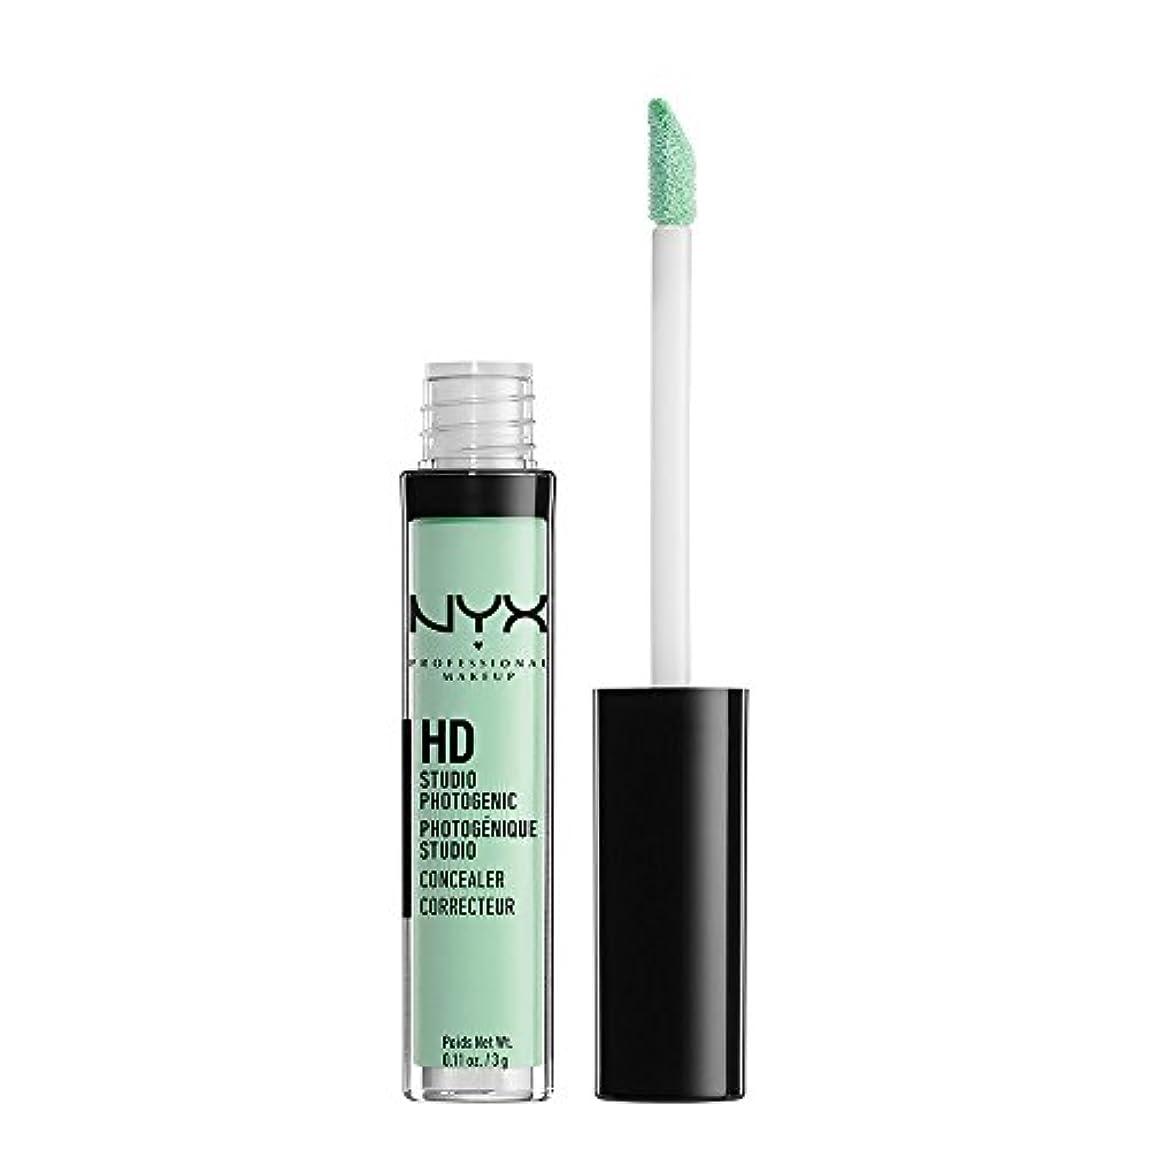 デコレーション湖くすぐったいNYX(ニックス) コンシーラー ワンド 12 カラーグリーン